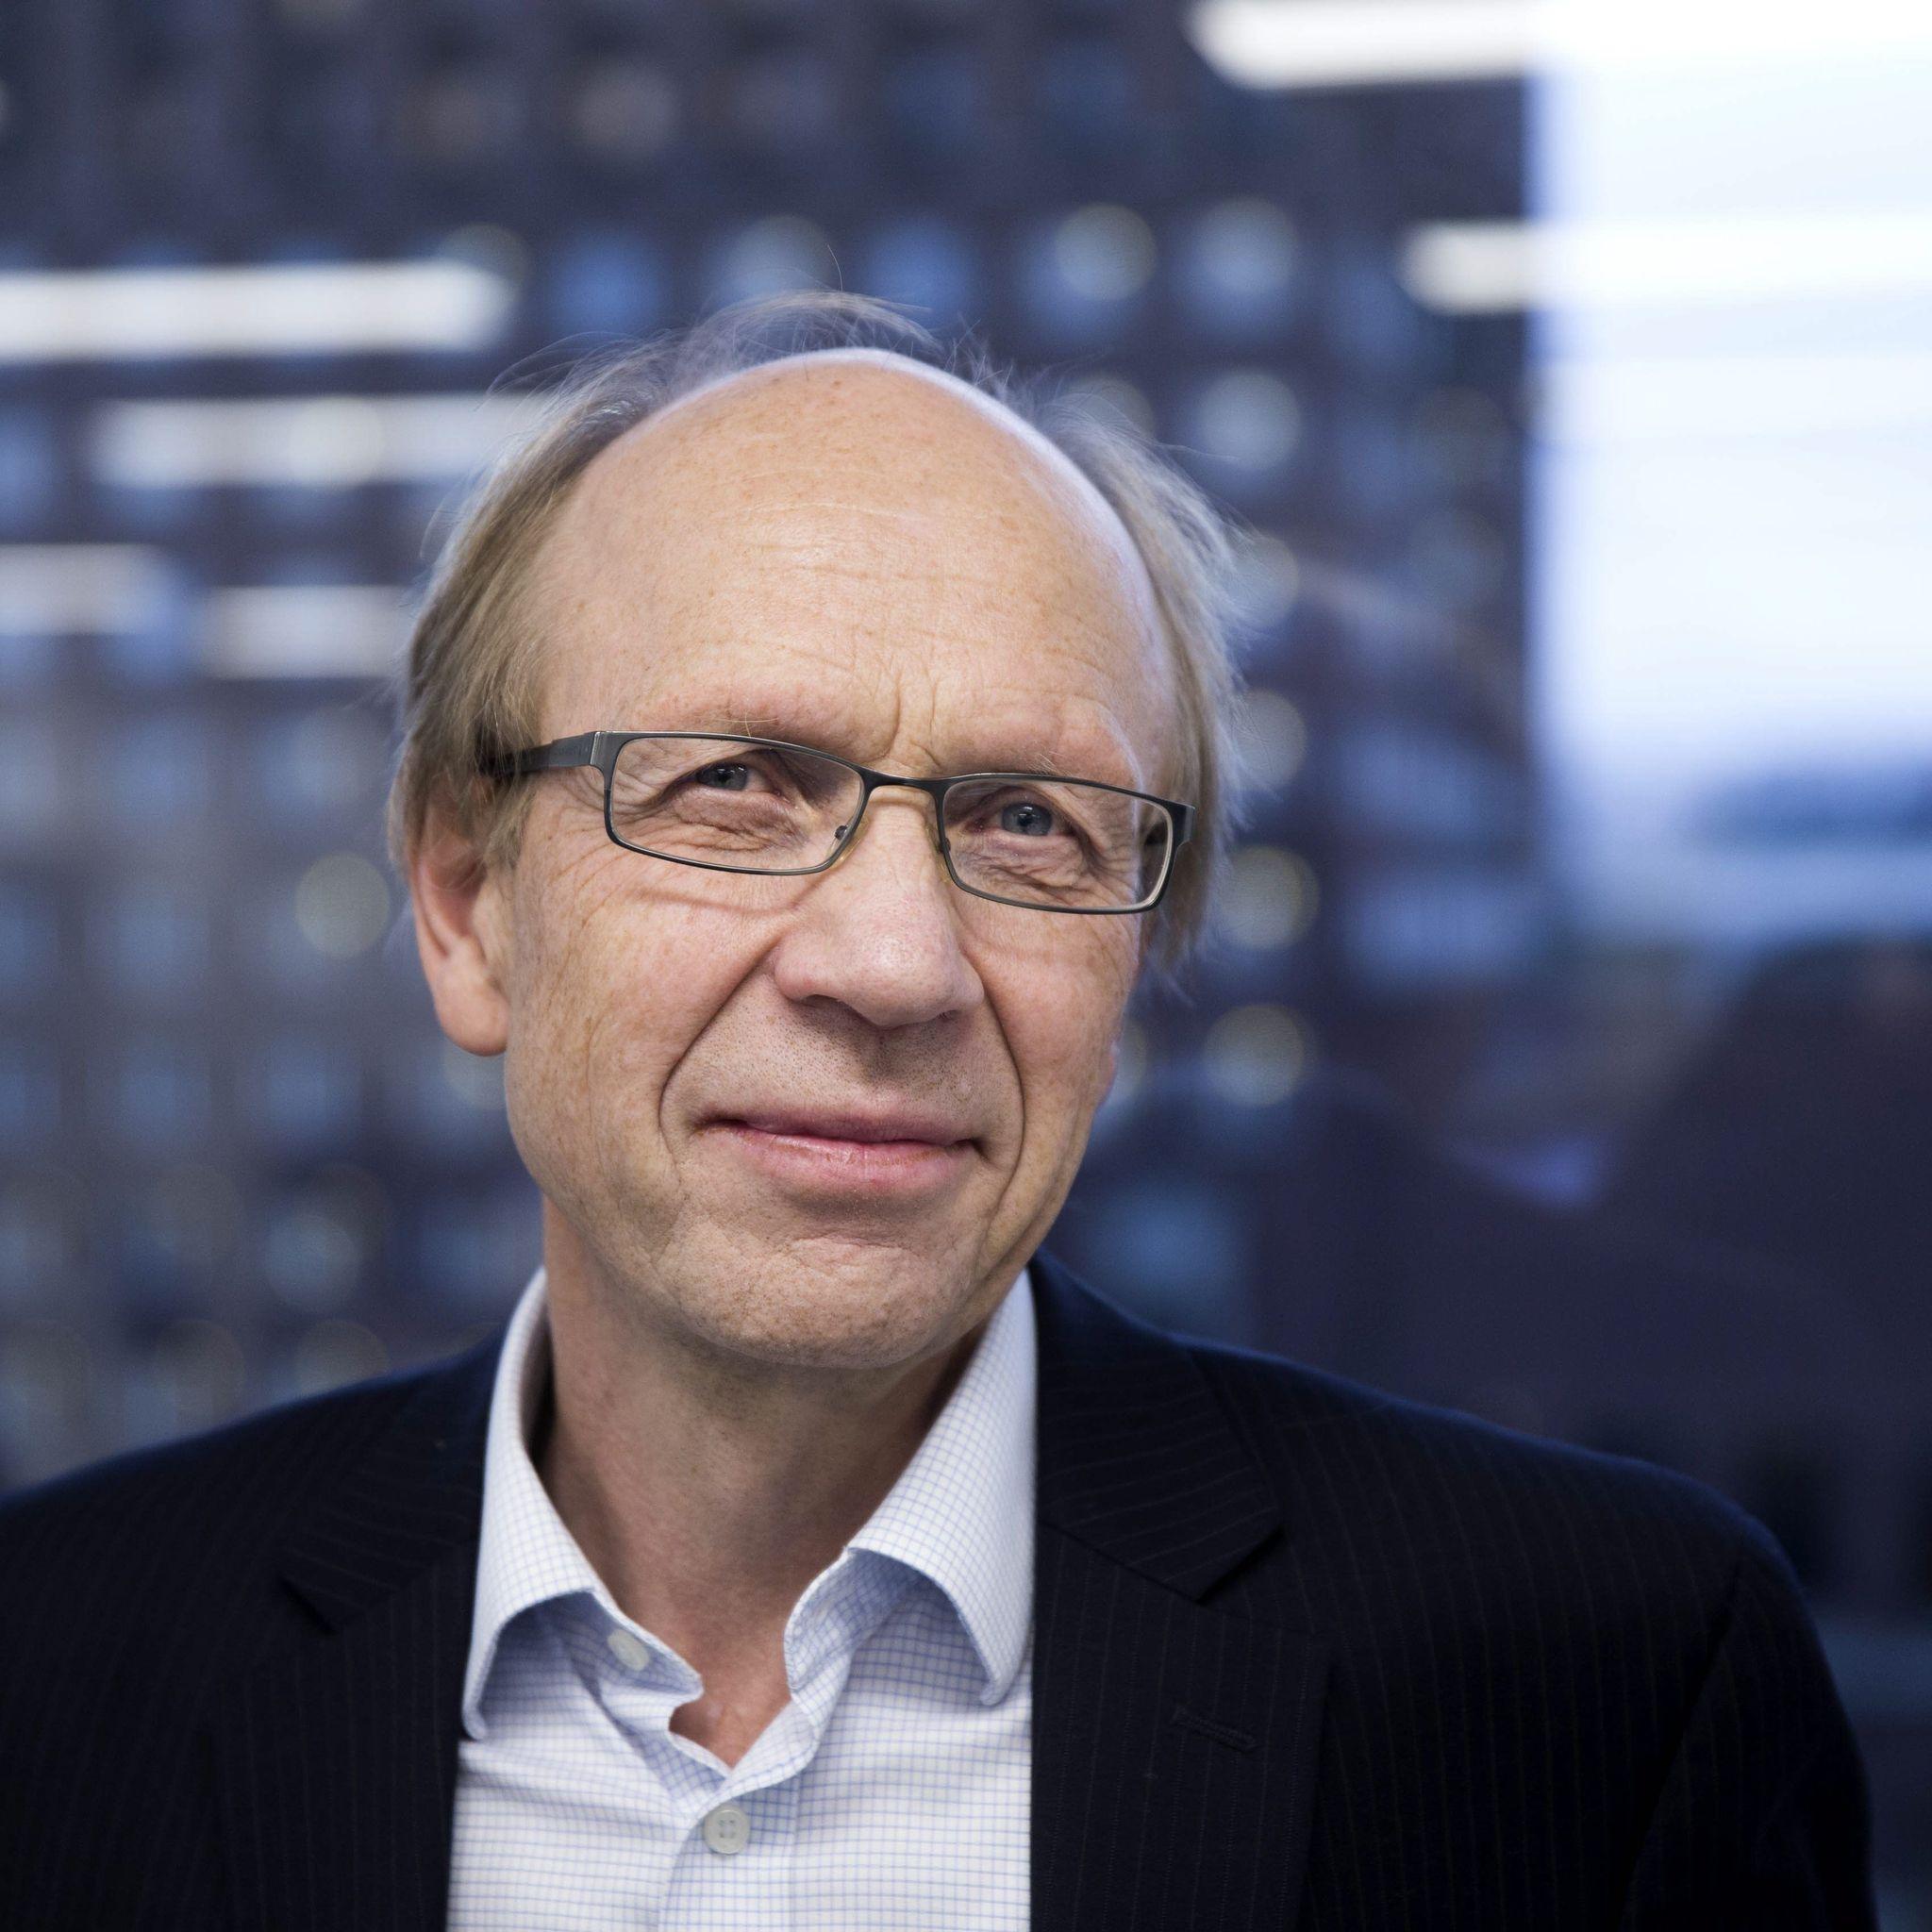 Knut N. Kjær